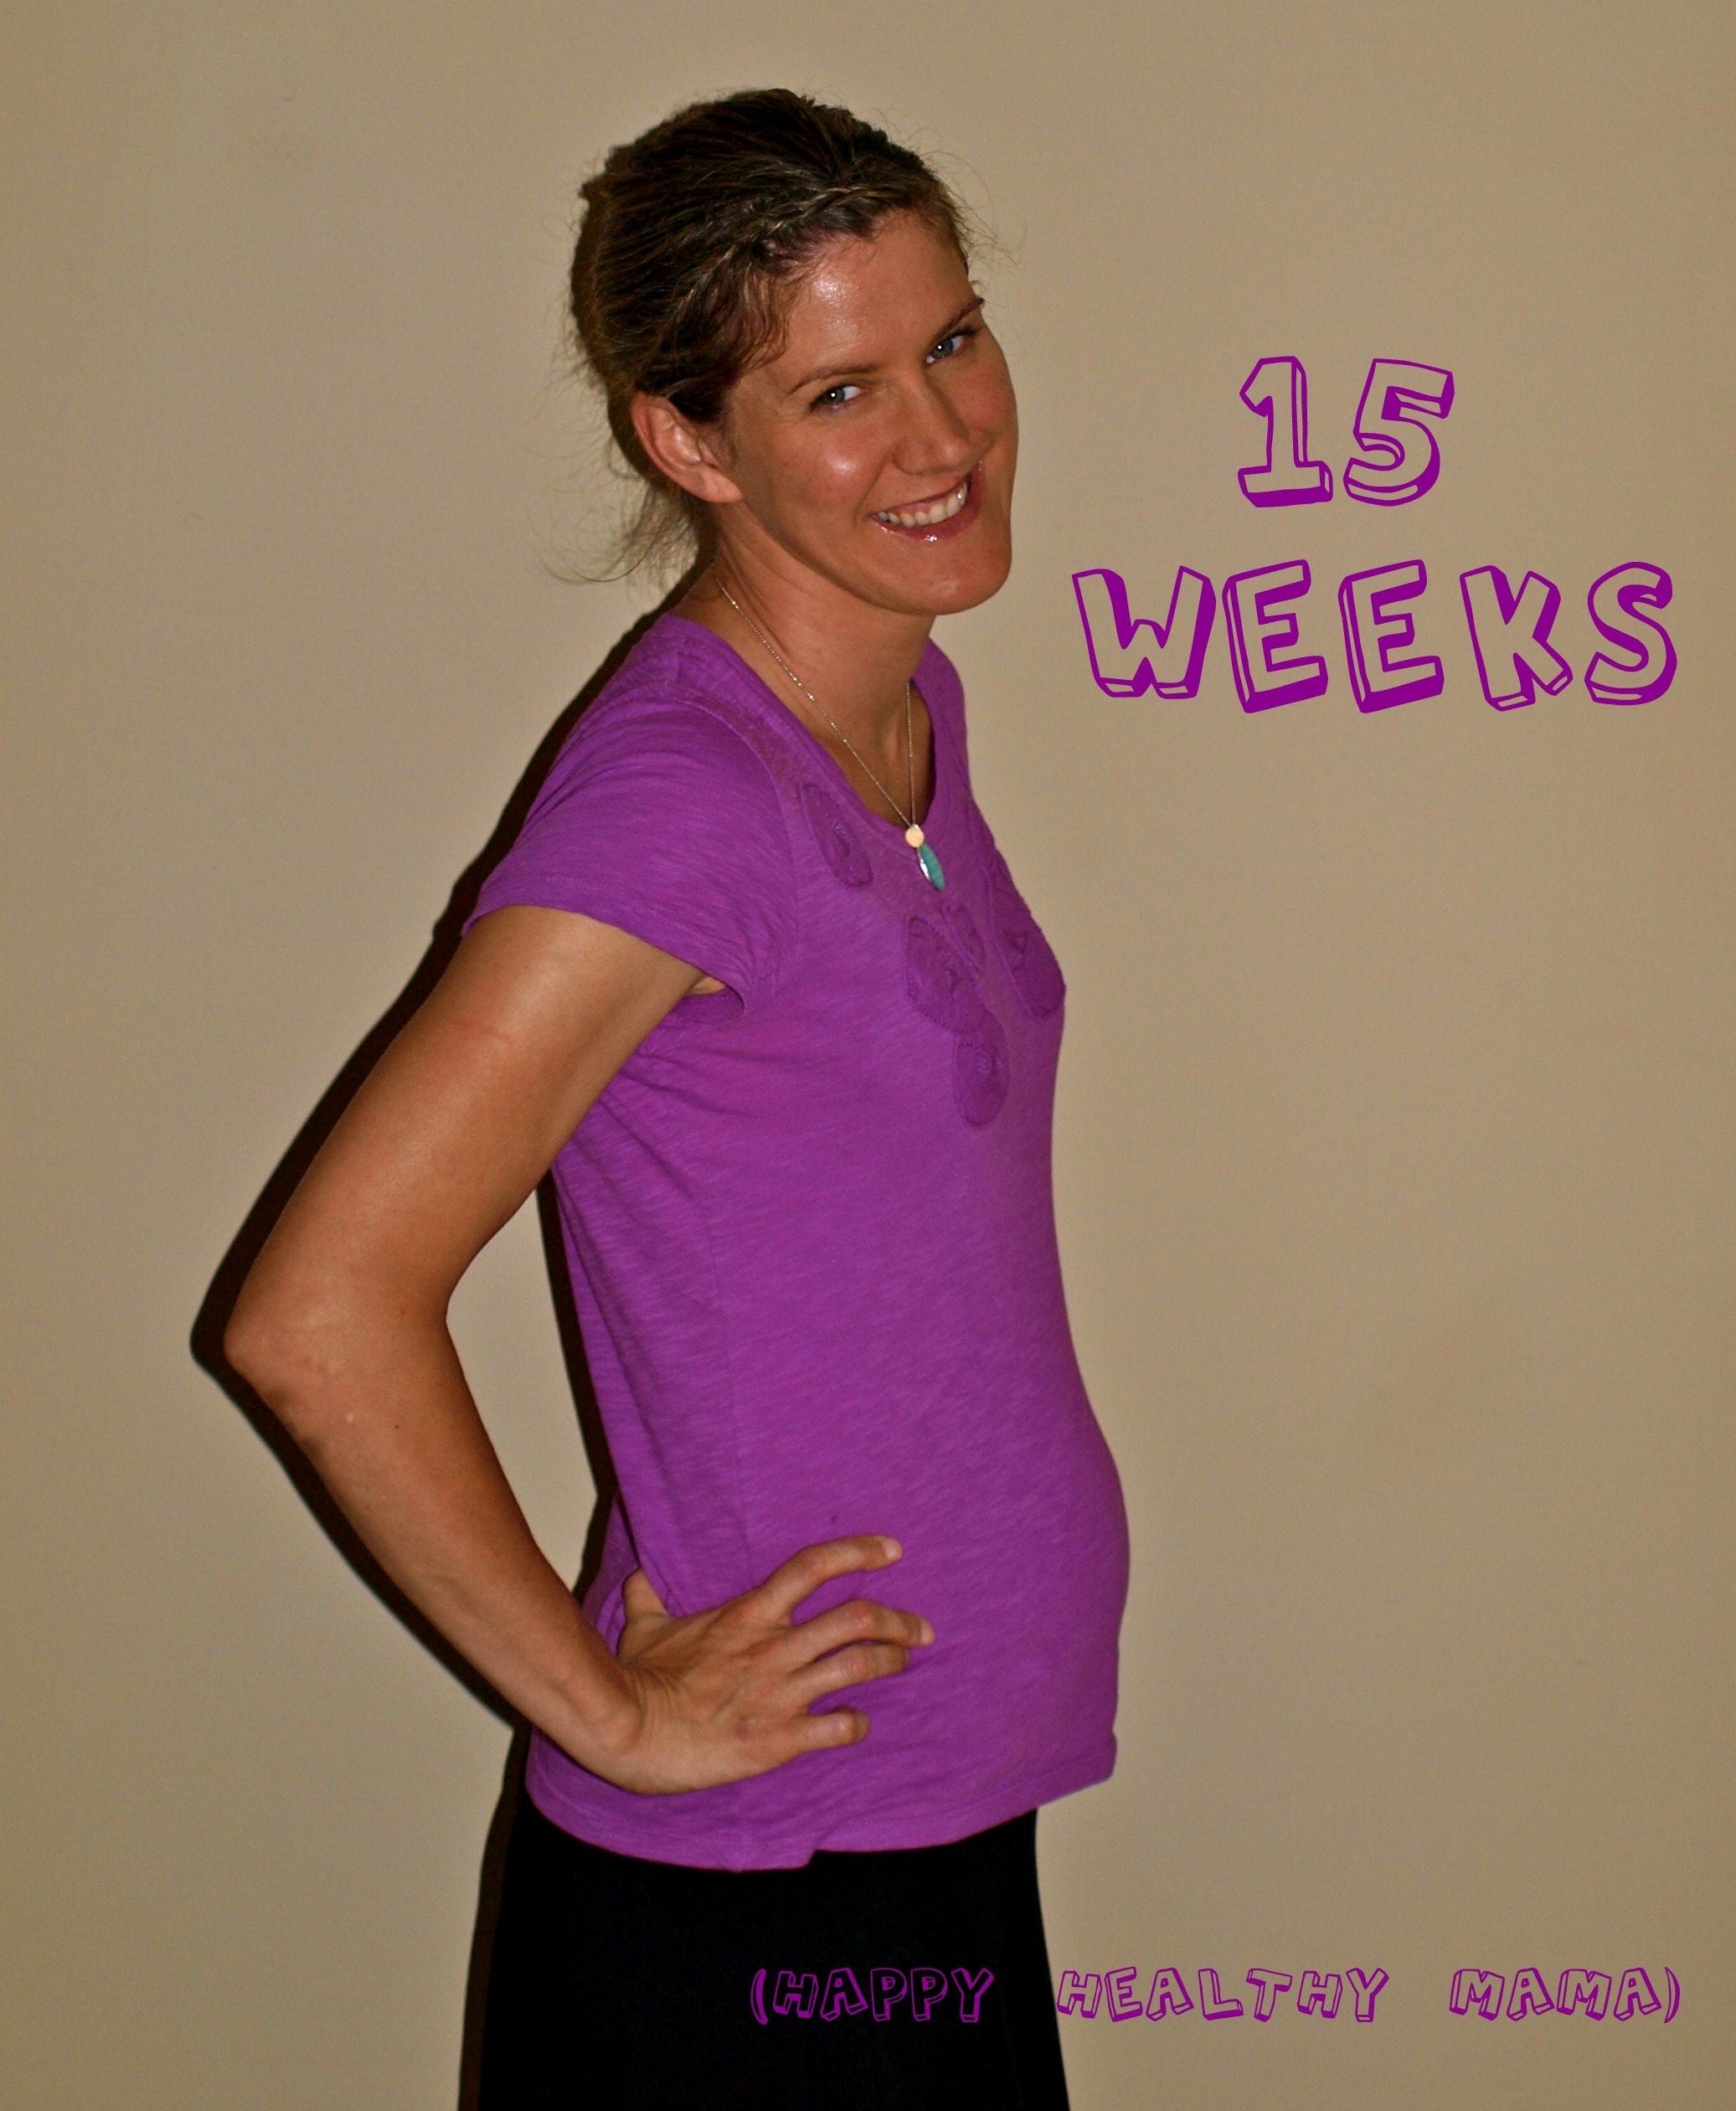 My pregnancy: 15 weeks